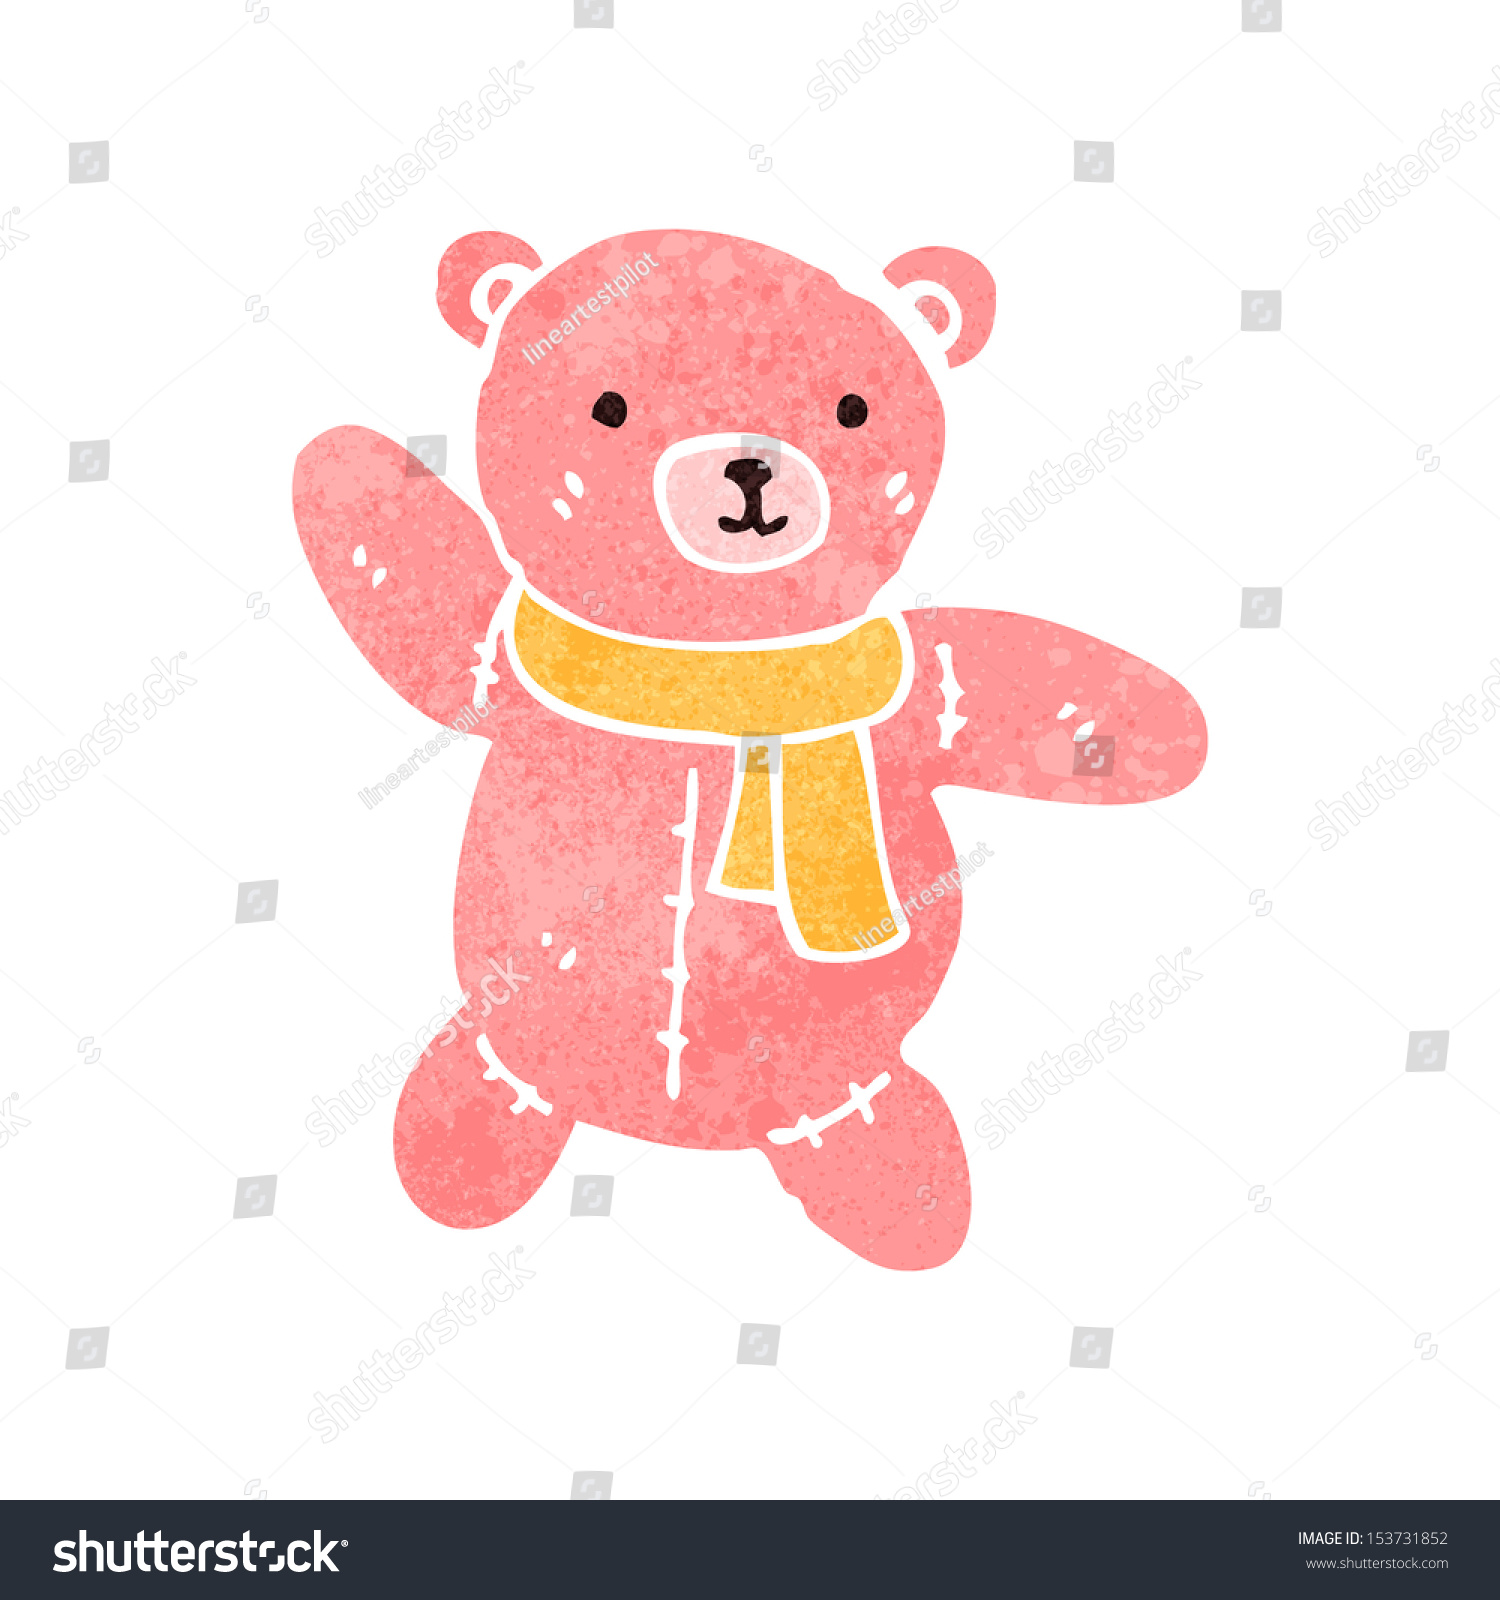 Greeting Card Cute Cartoon Teddy Bear Stockvektorgrafik